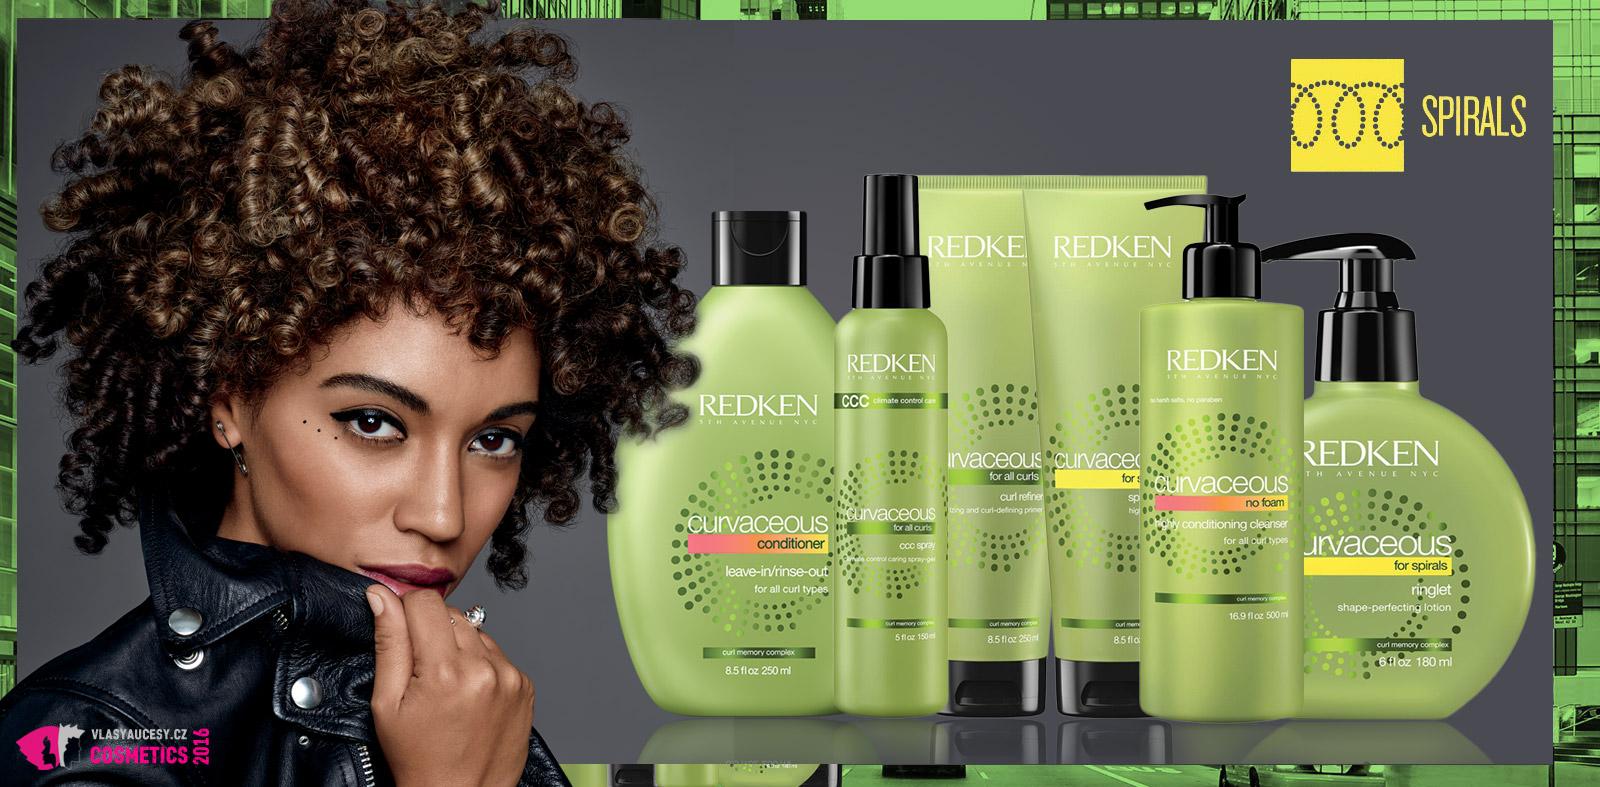 Doporučená vlasová kosmetika z řady Curvaceous pro spirálovité kudrlinky